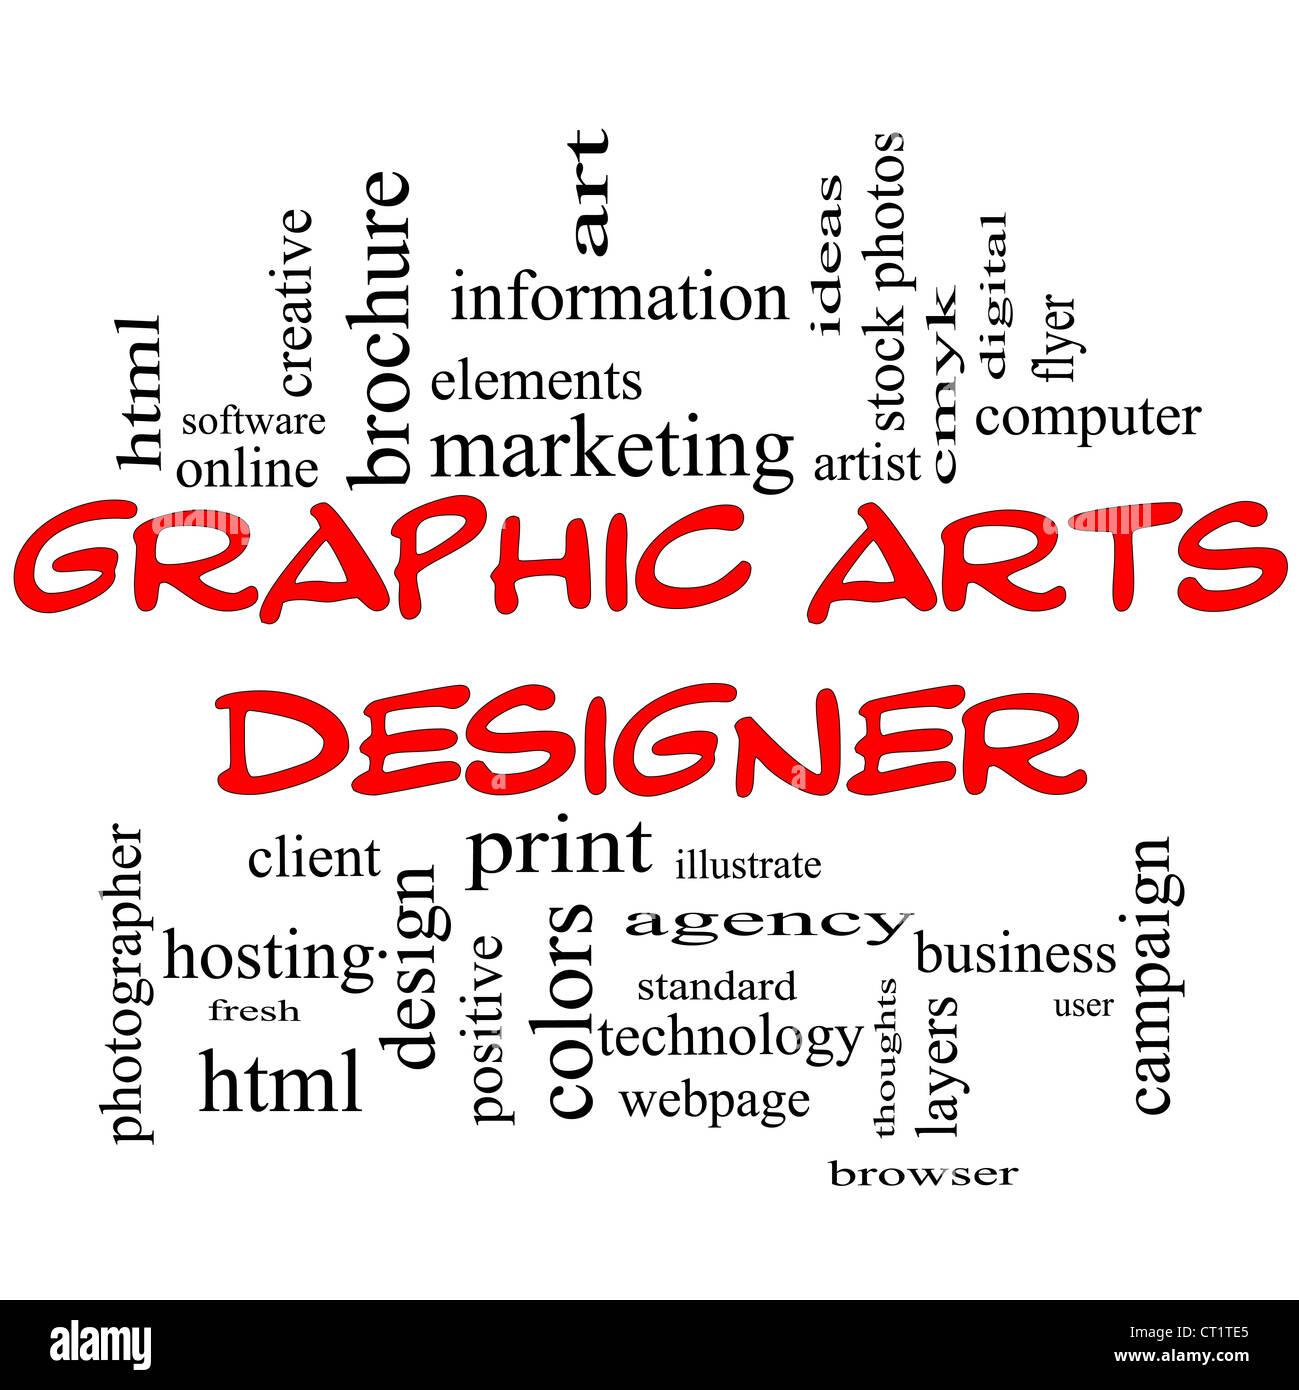 Grafik Designer Word Cloud-Konzept in roten Großbuchstaben mit großen Begriffe wie Software, html, Client, Stockbild